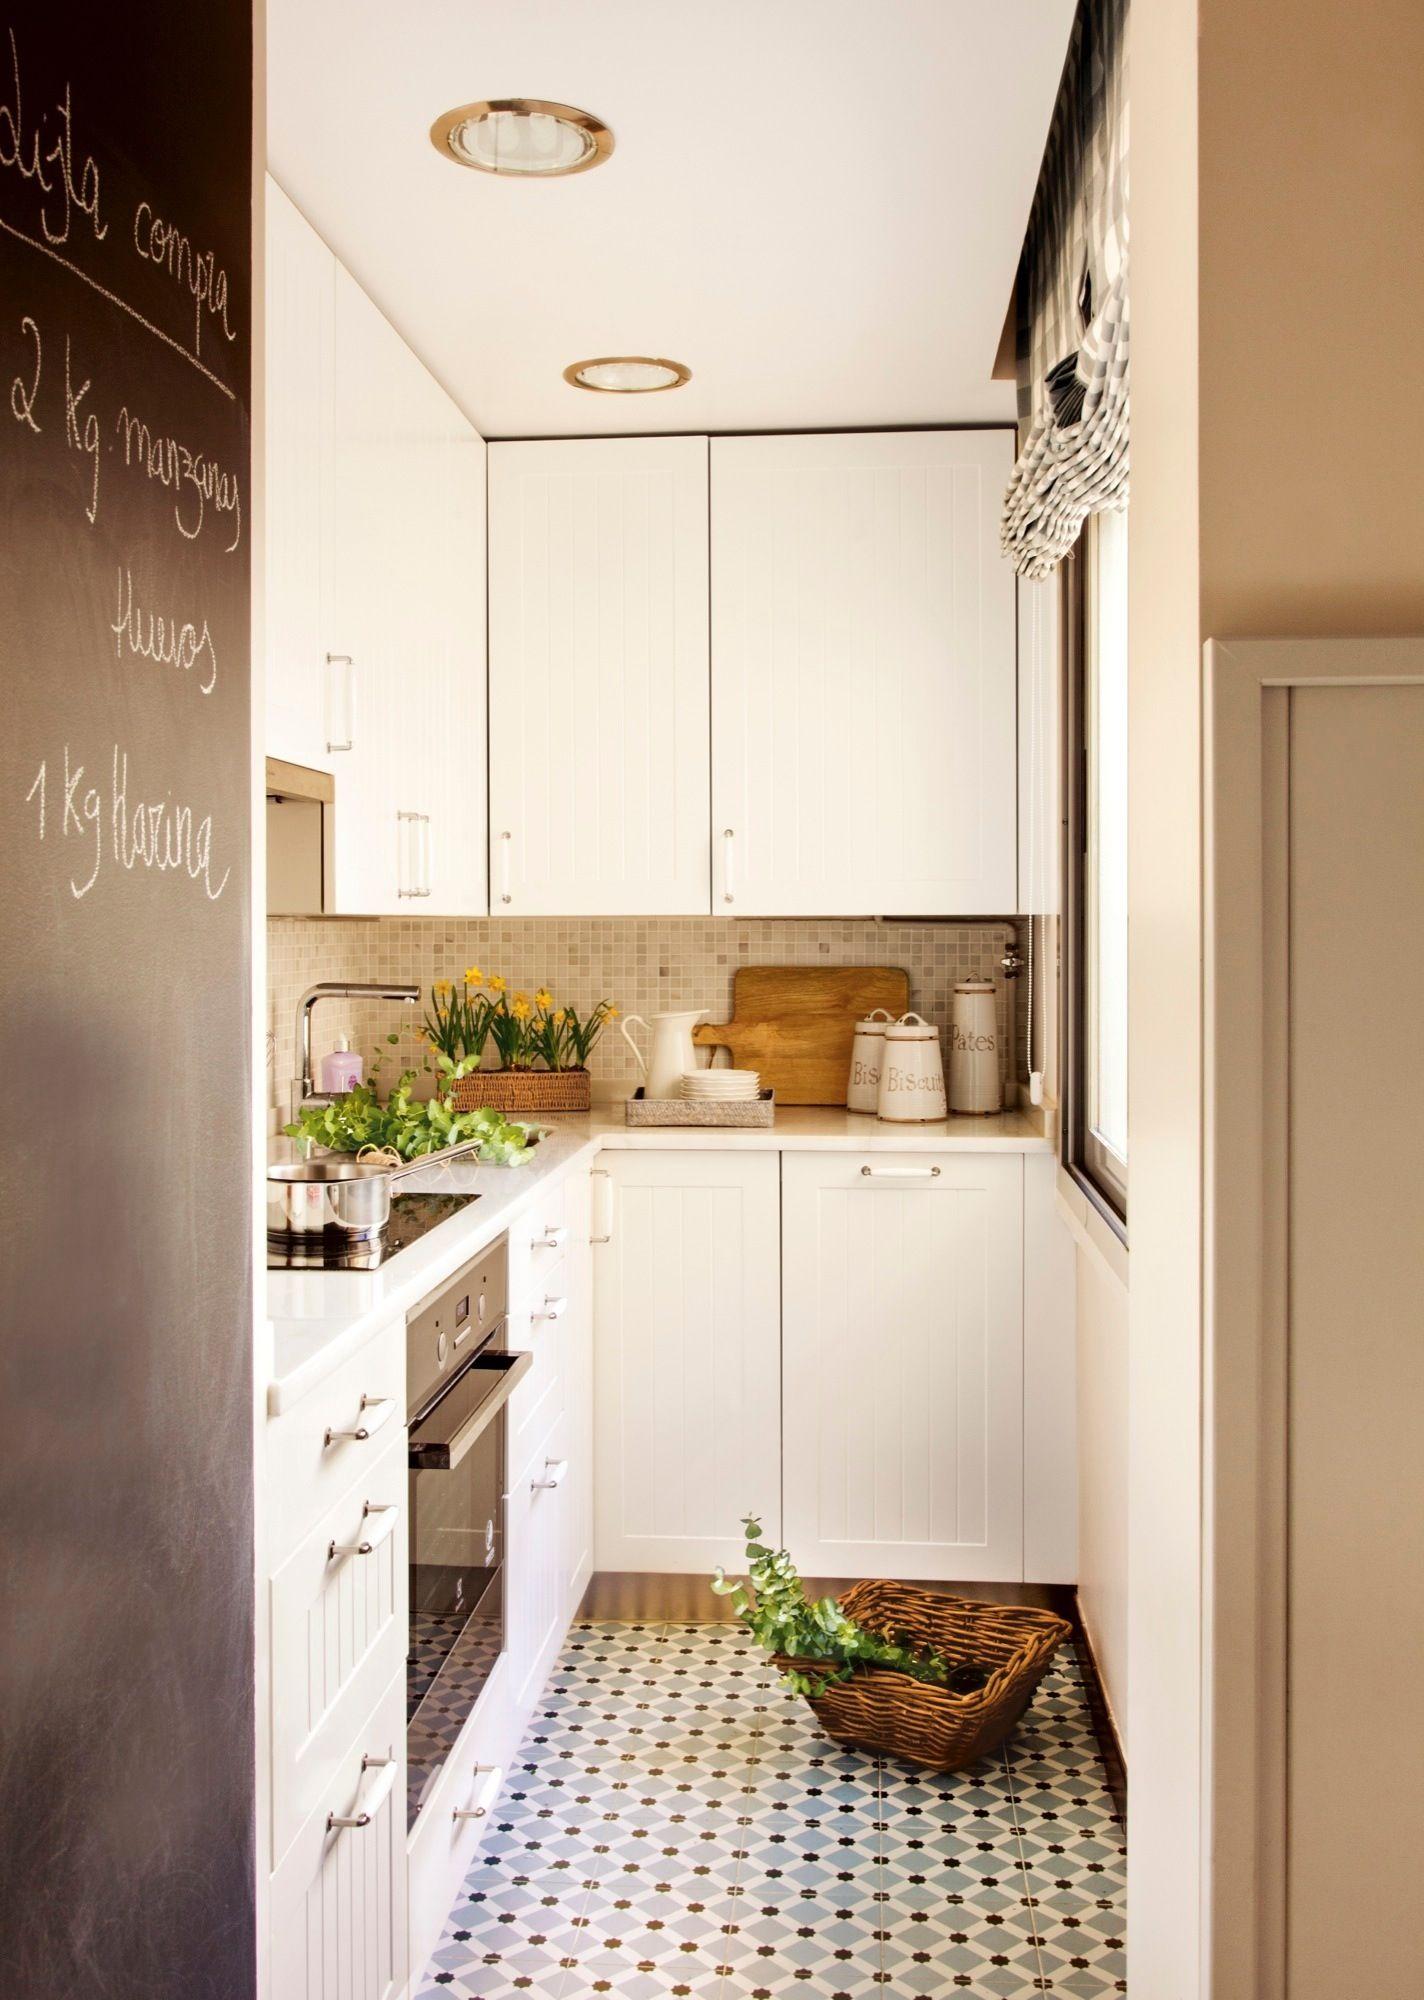 cocina mini con mobiliario en color beige cocina On mobiliario cocinas pequeñas